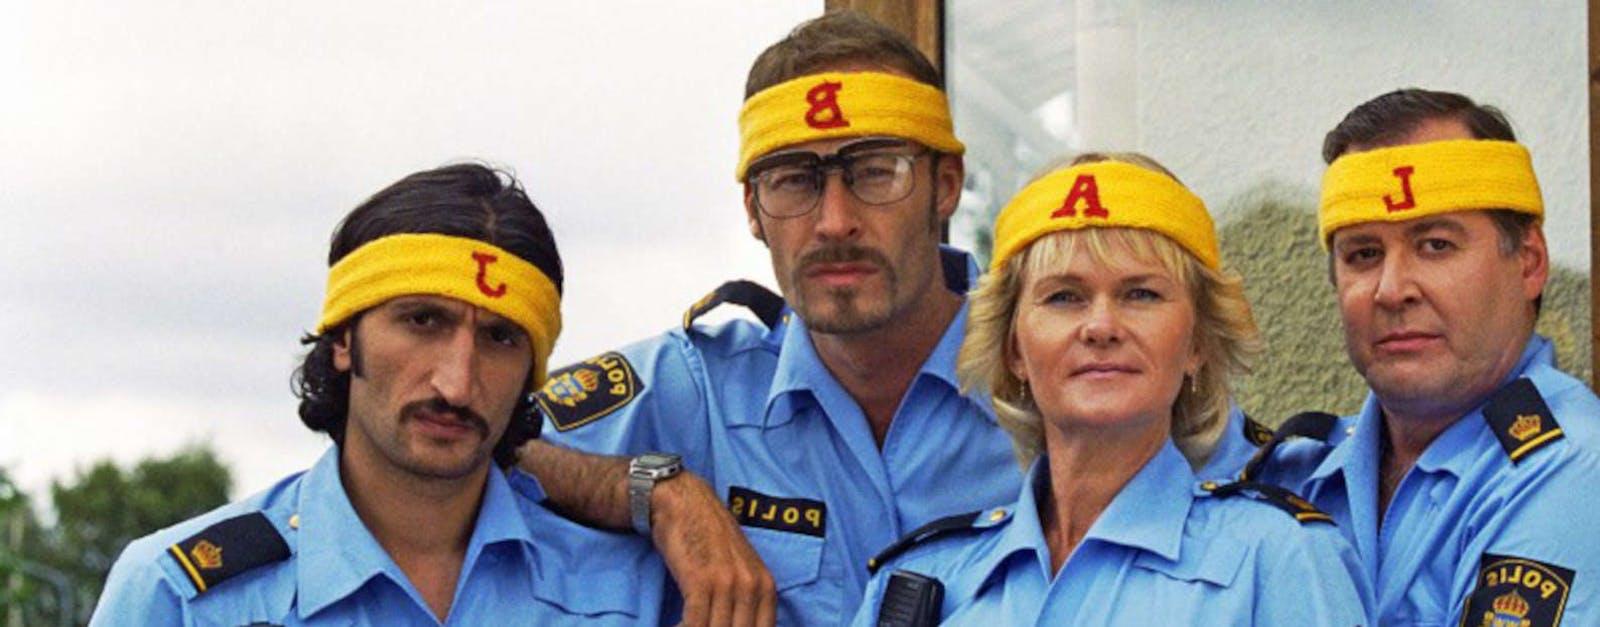 Svenska polisfilmer